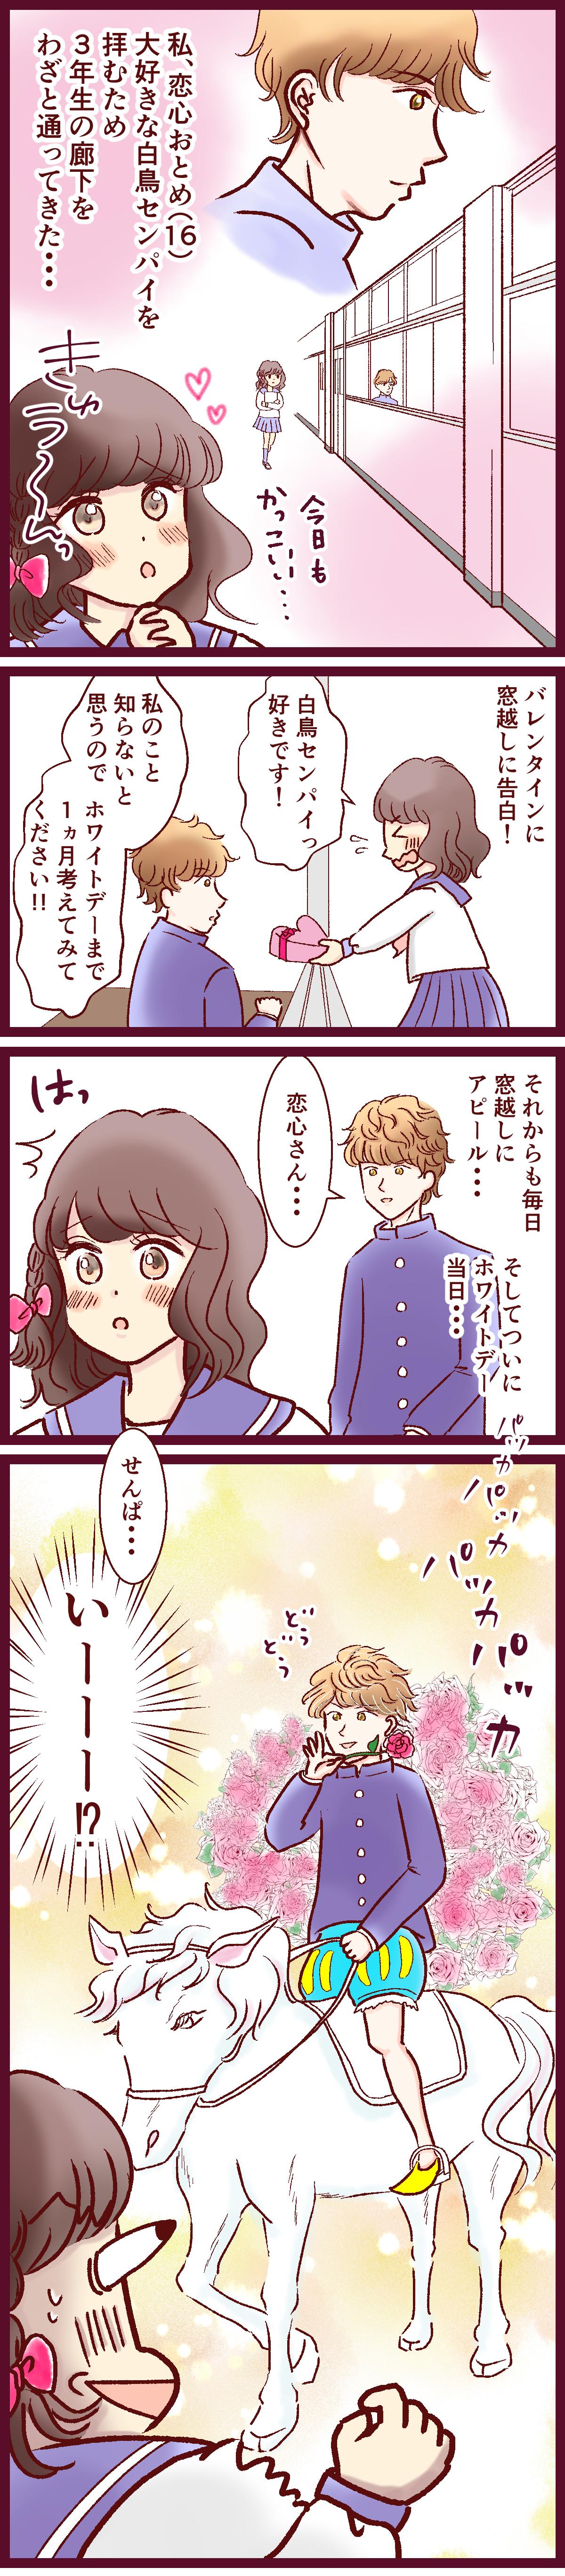 漫画ホワイトデー2